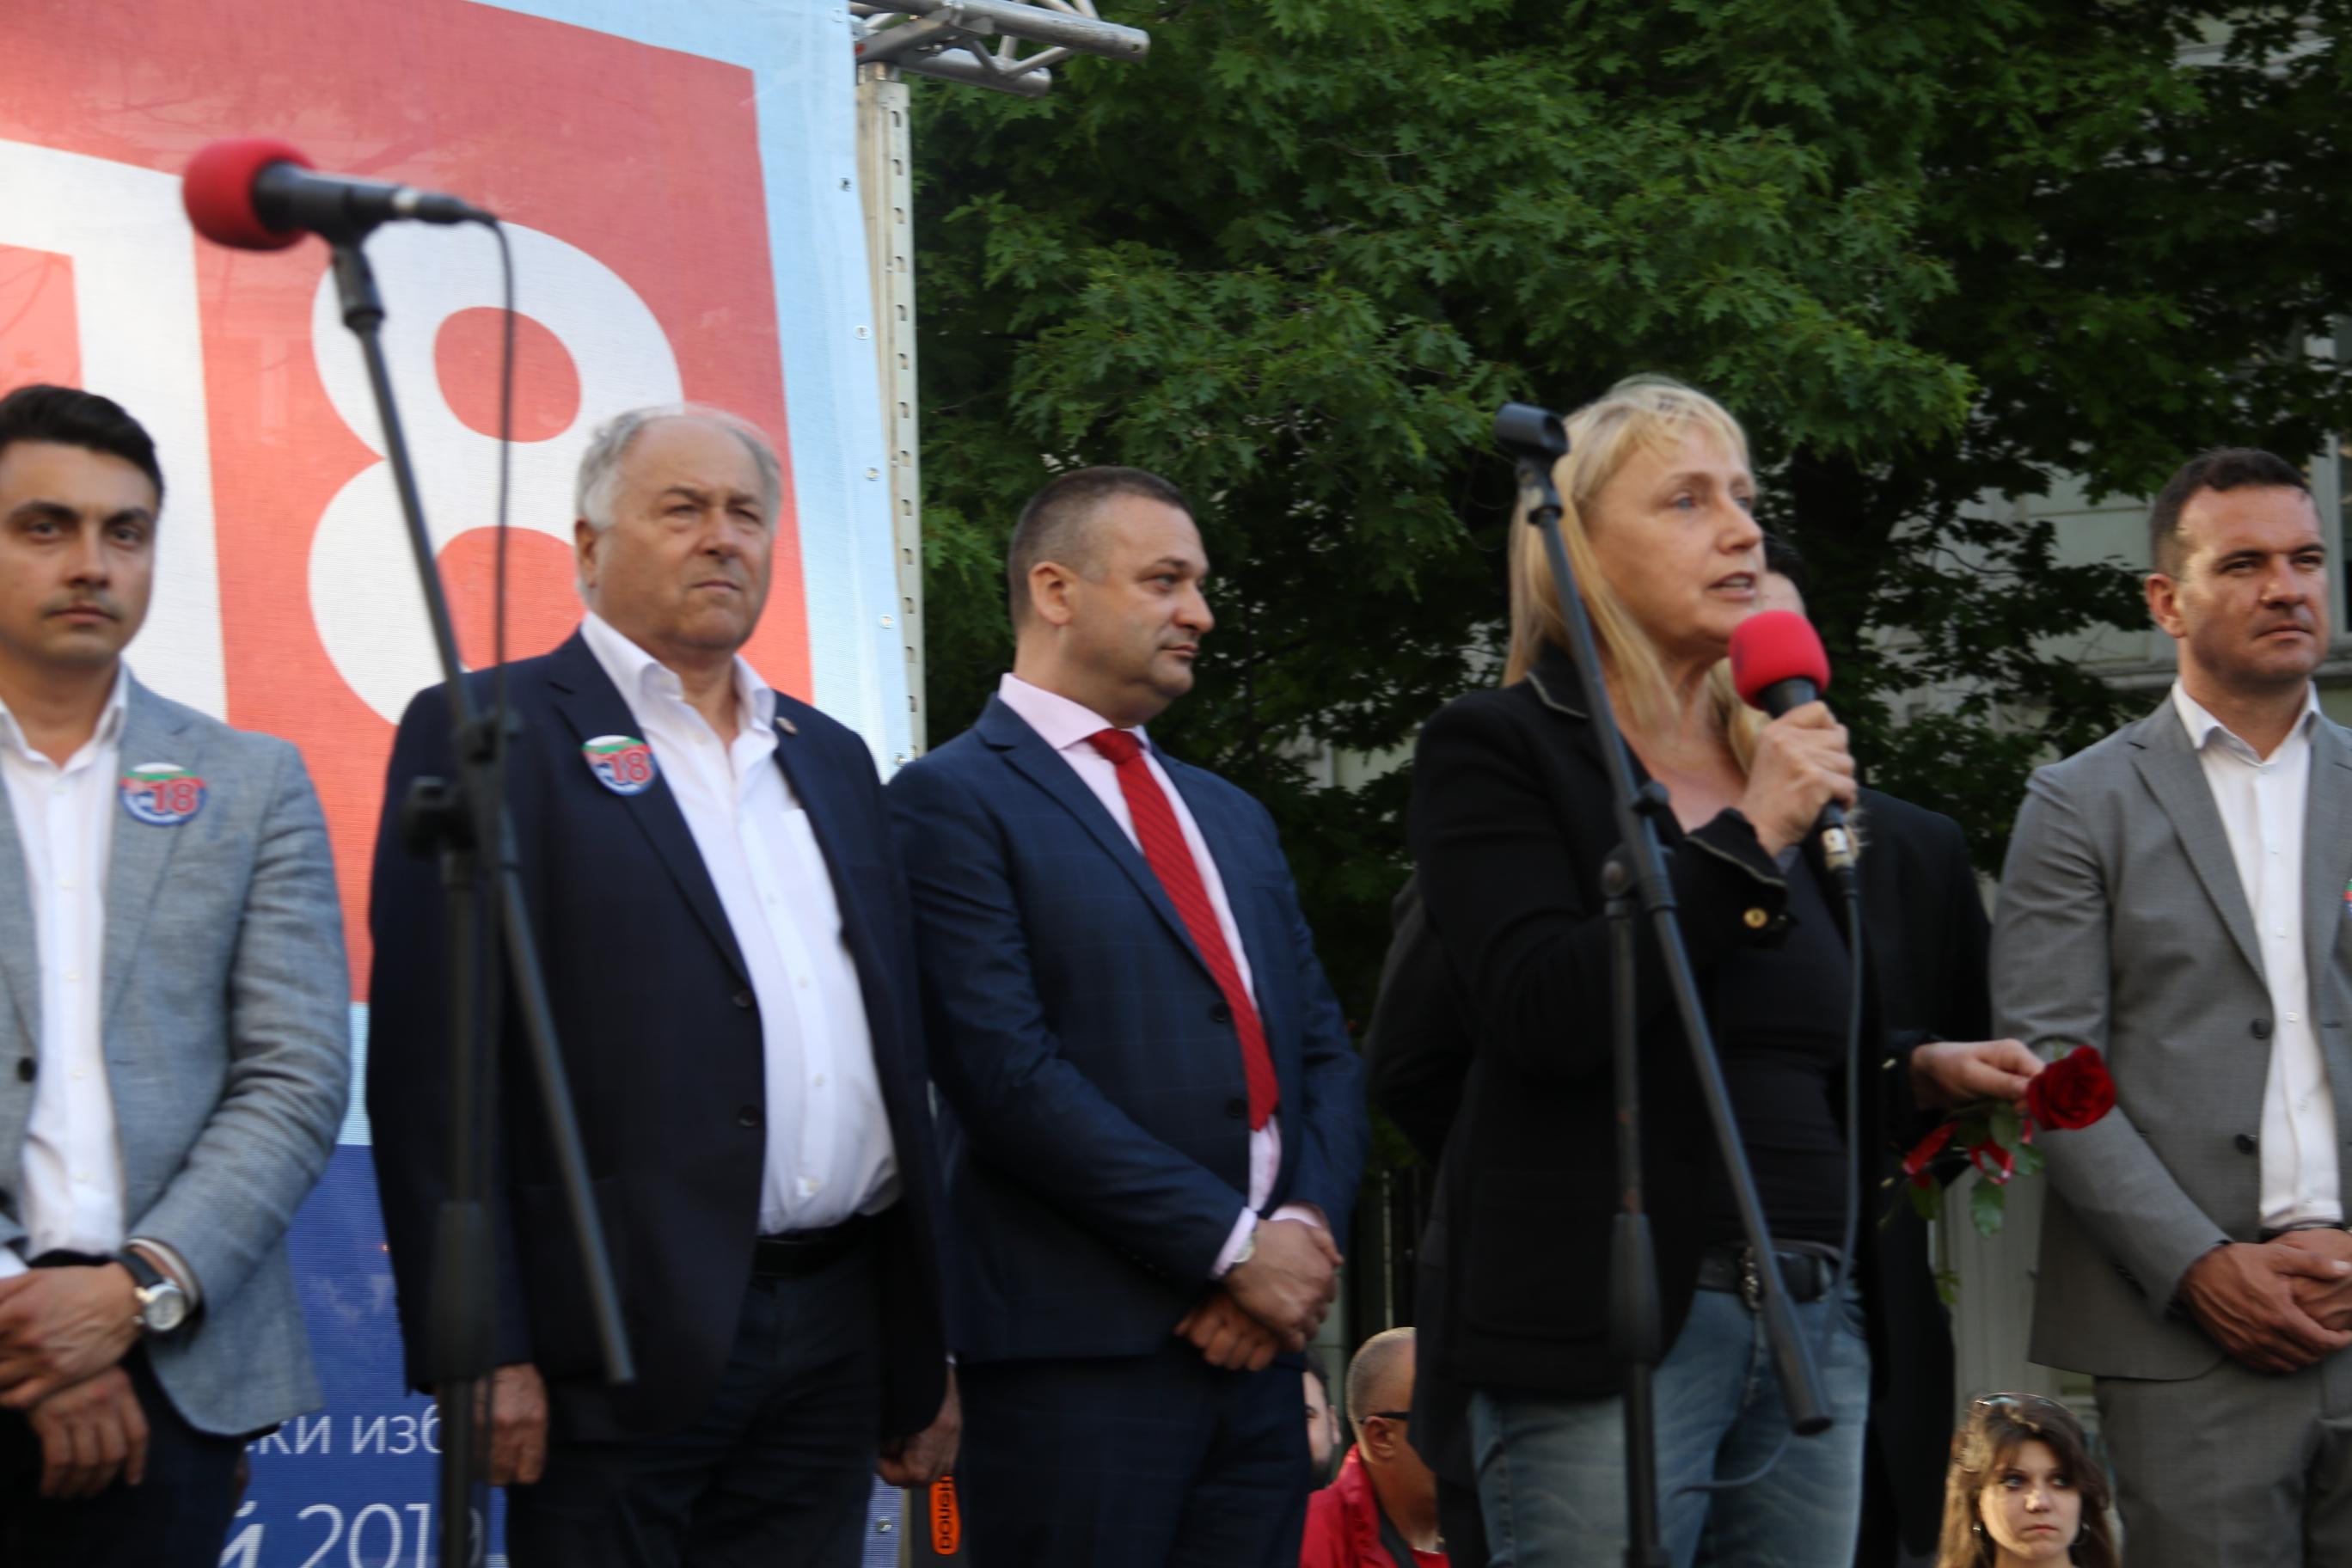 Йончева пита Борисов: На кого сте се обаждал, за да спрат разследванията за къщата в Барселона?